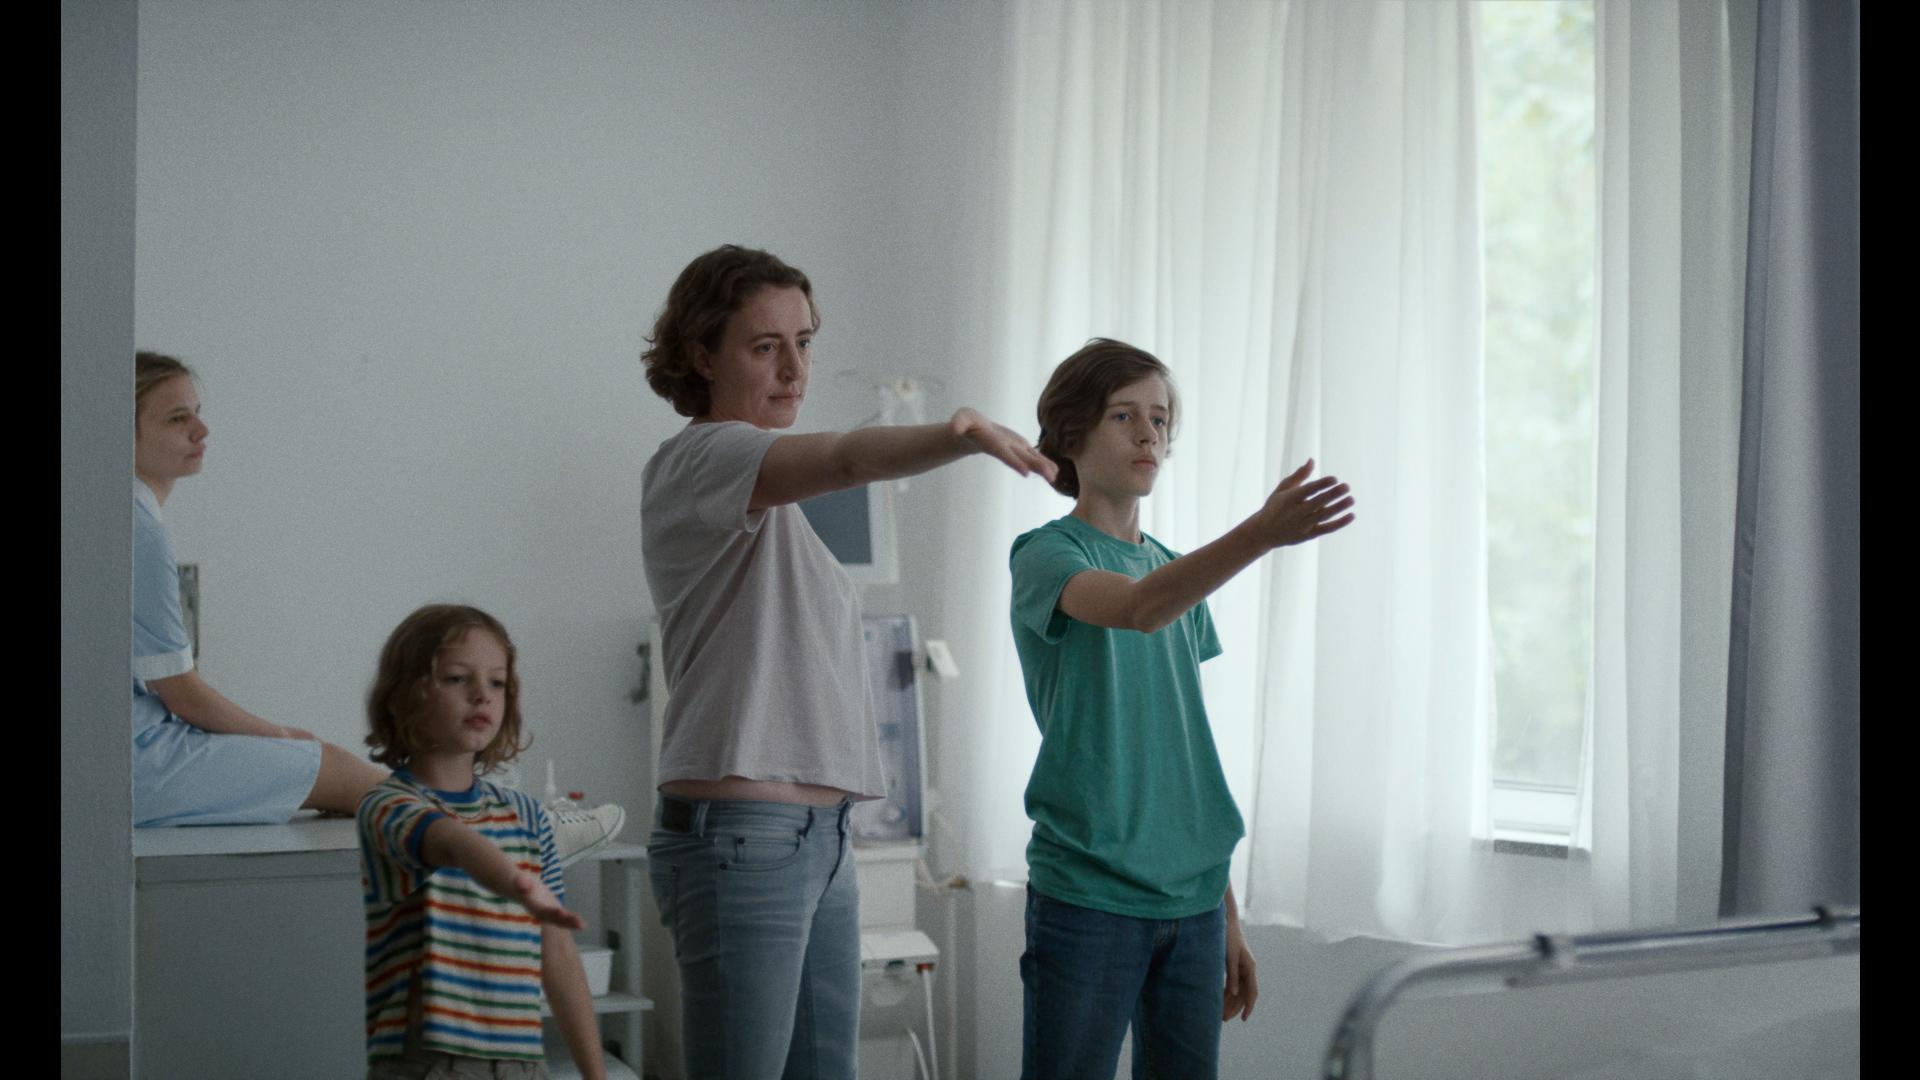 TEA Tenerife proyecta Estaba en casa, pero…, Oso de Plata a la Mejor Dirección en la Berlinale